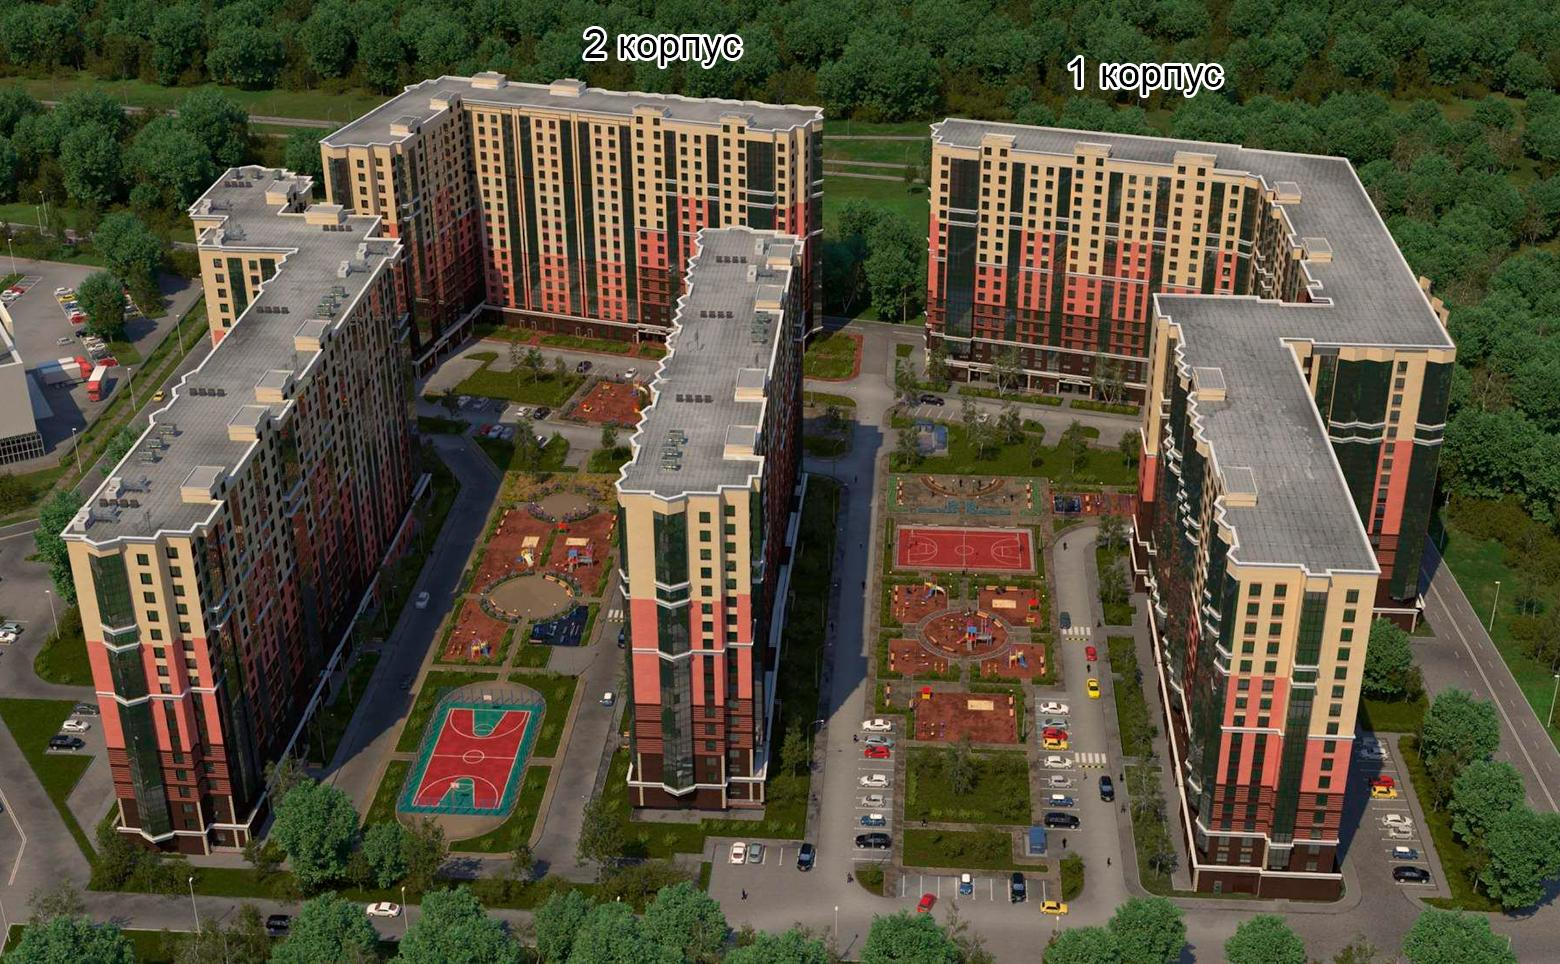 План жилого комплекса ЖК Две столицы